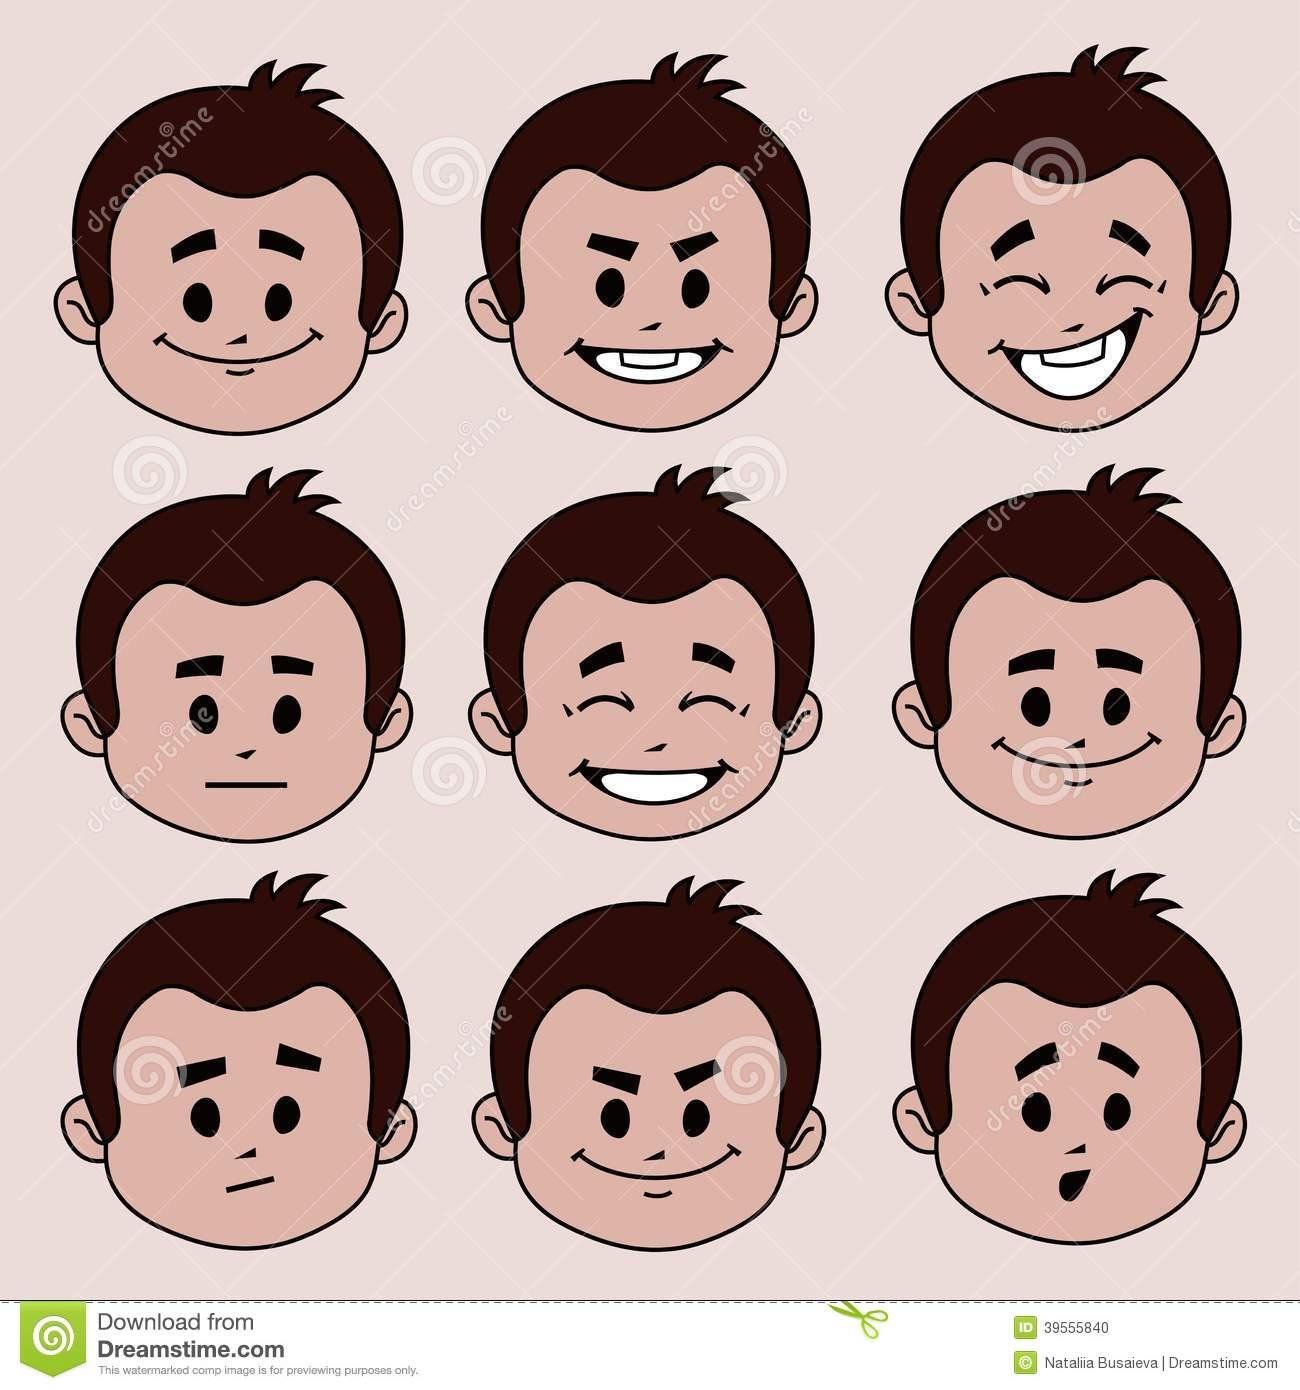 16个兴奋高兴表情人物图片_素材公社